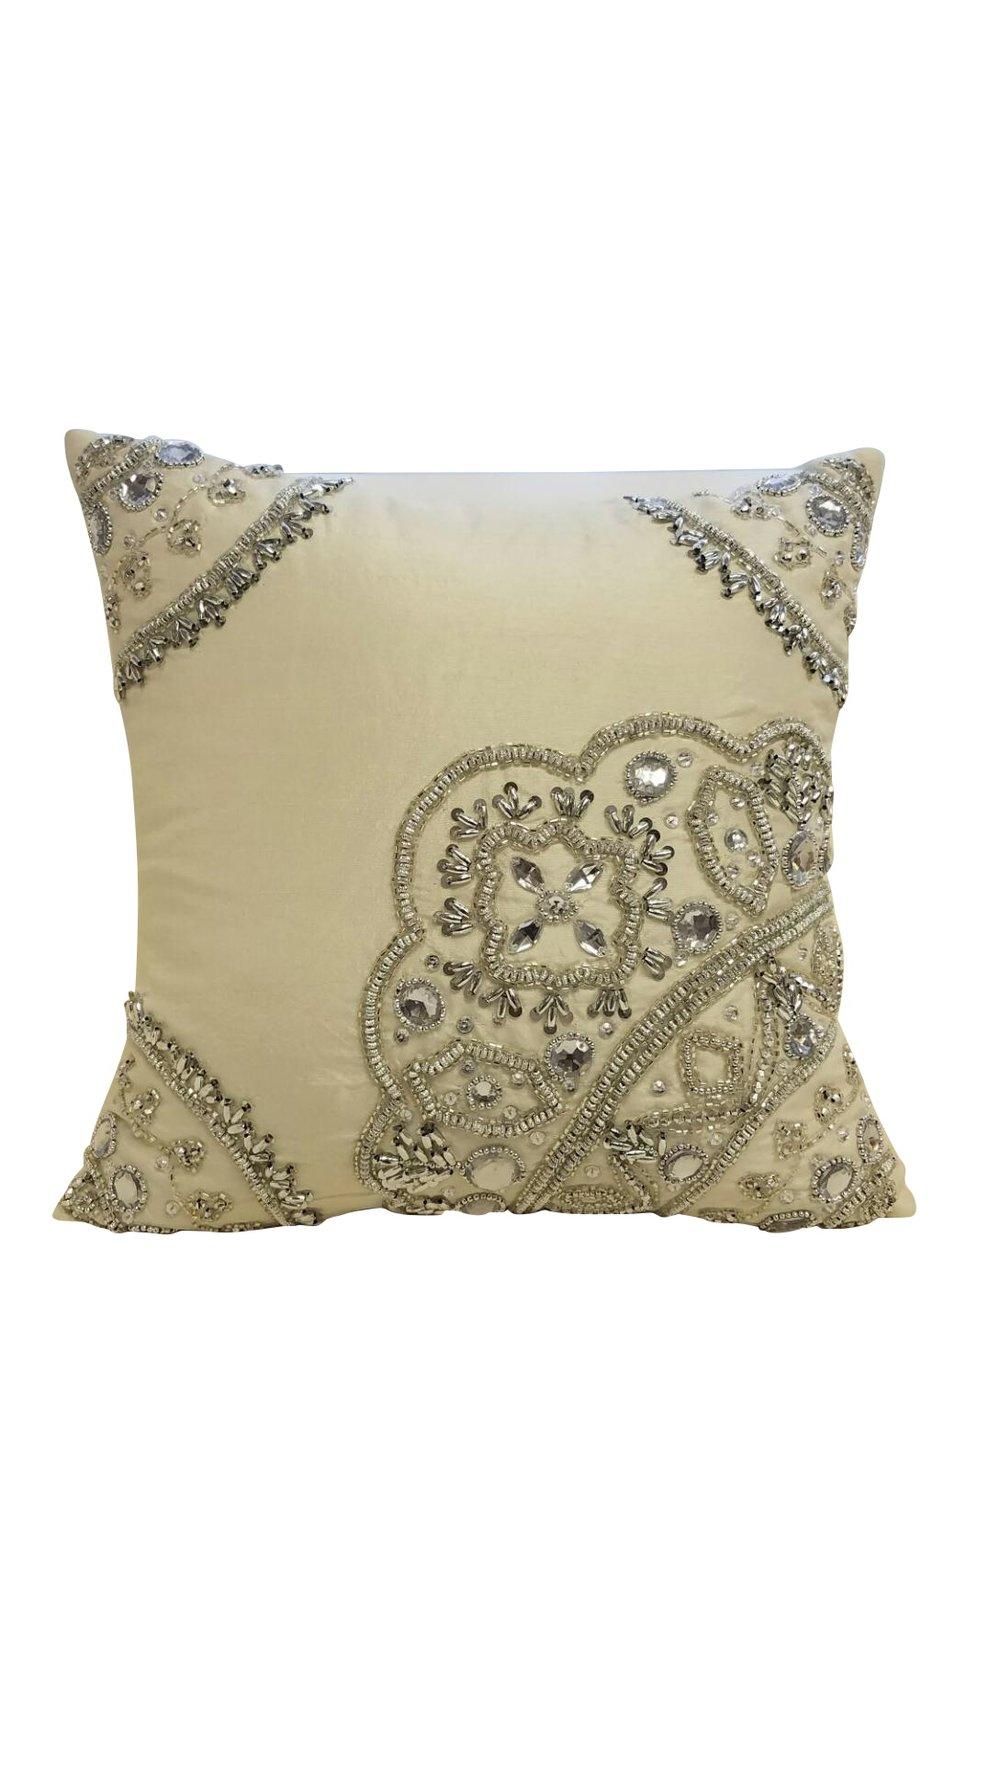 Ornate Beading Throw Pillow